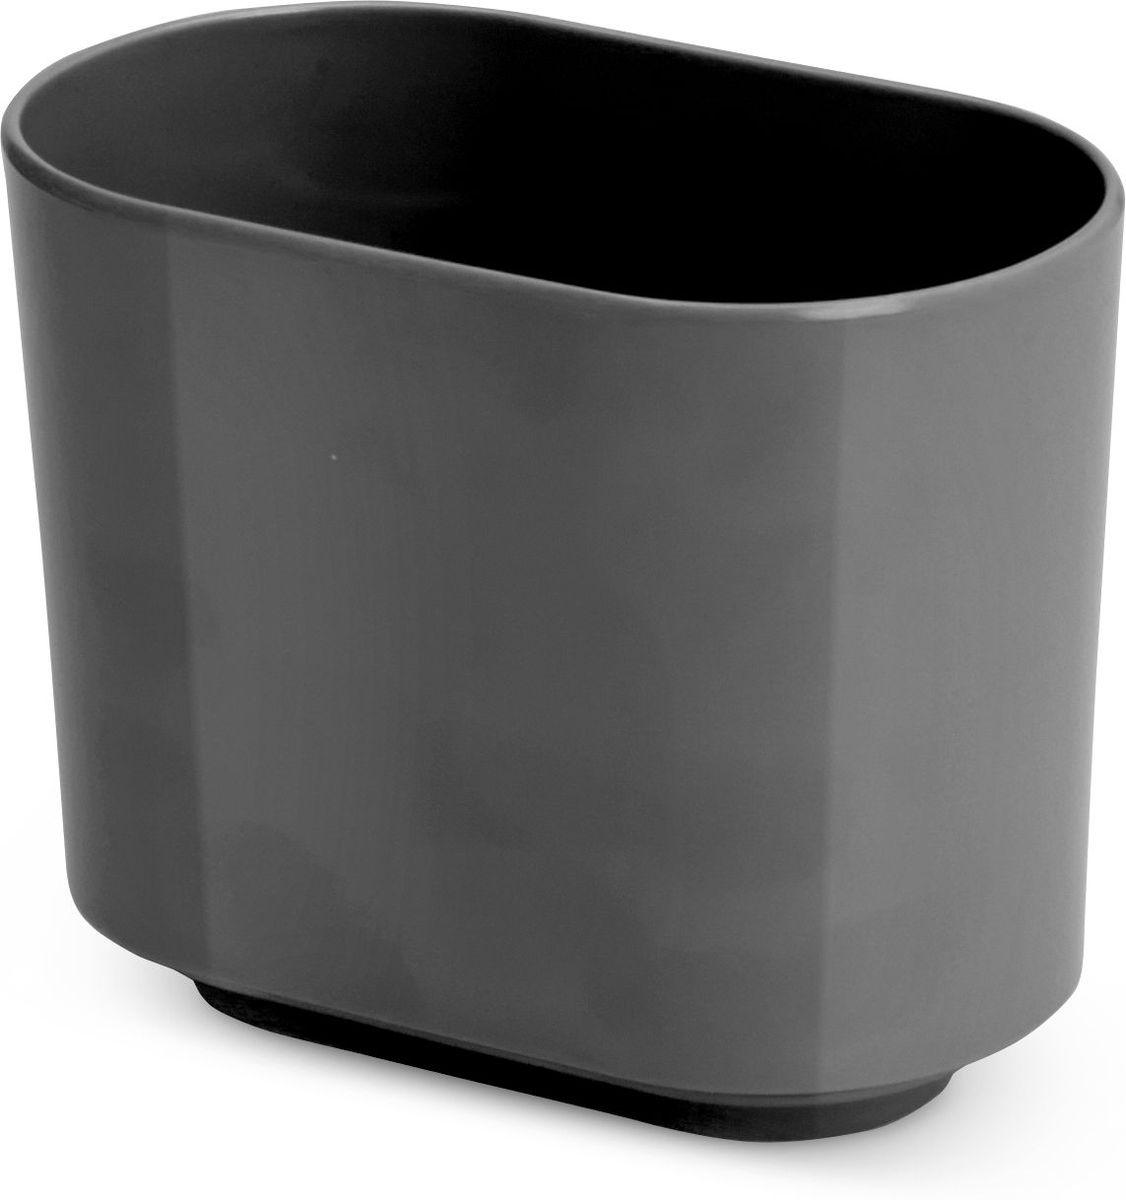 Стакан для зубных щеток Umbra Step, цвет: темно-серый, 7,5 х 10 х 12,5 смUP210DFStep – коллекция минималистичных и функциональных предметов, изготовленных из меламина. Вместительная подставка послужит для хранения зубных щеток всех членов семьи.Дизайн: Tom Chung